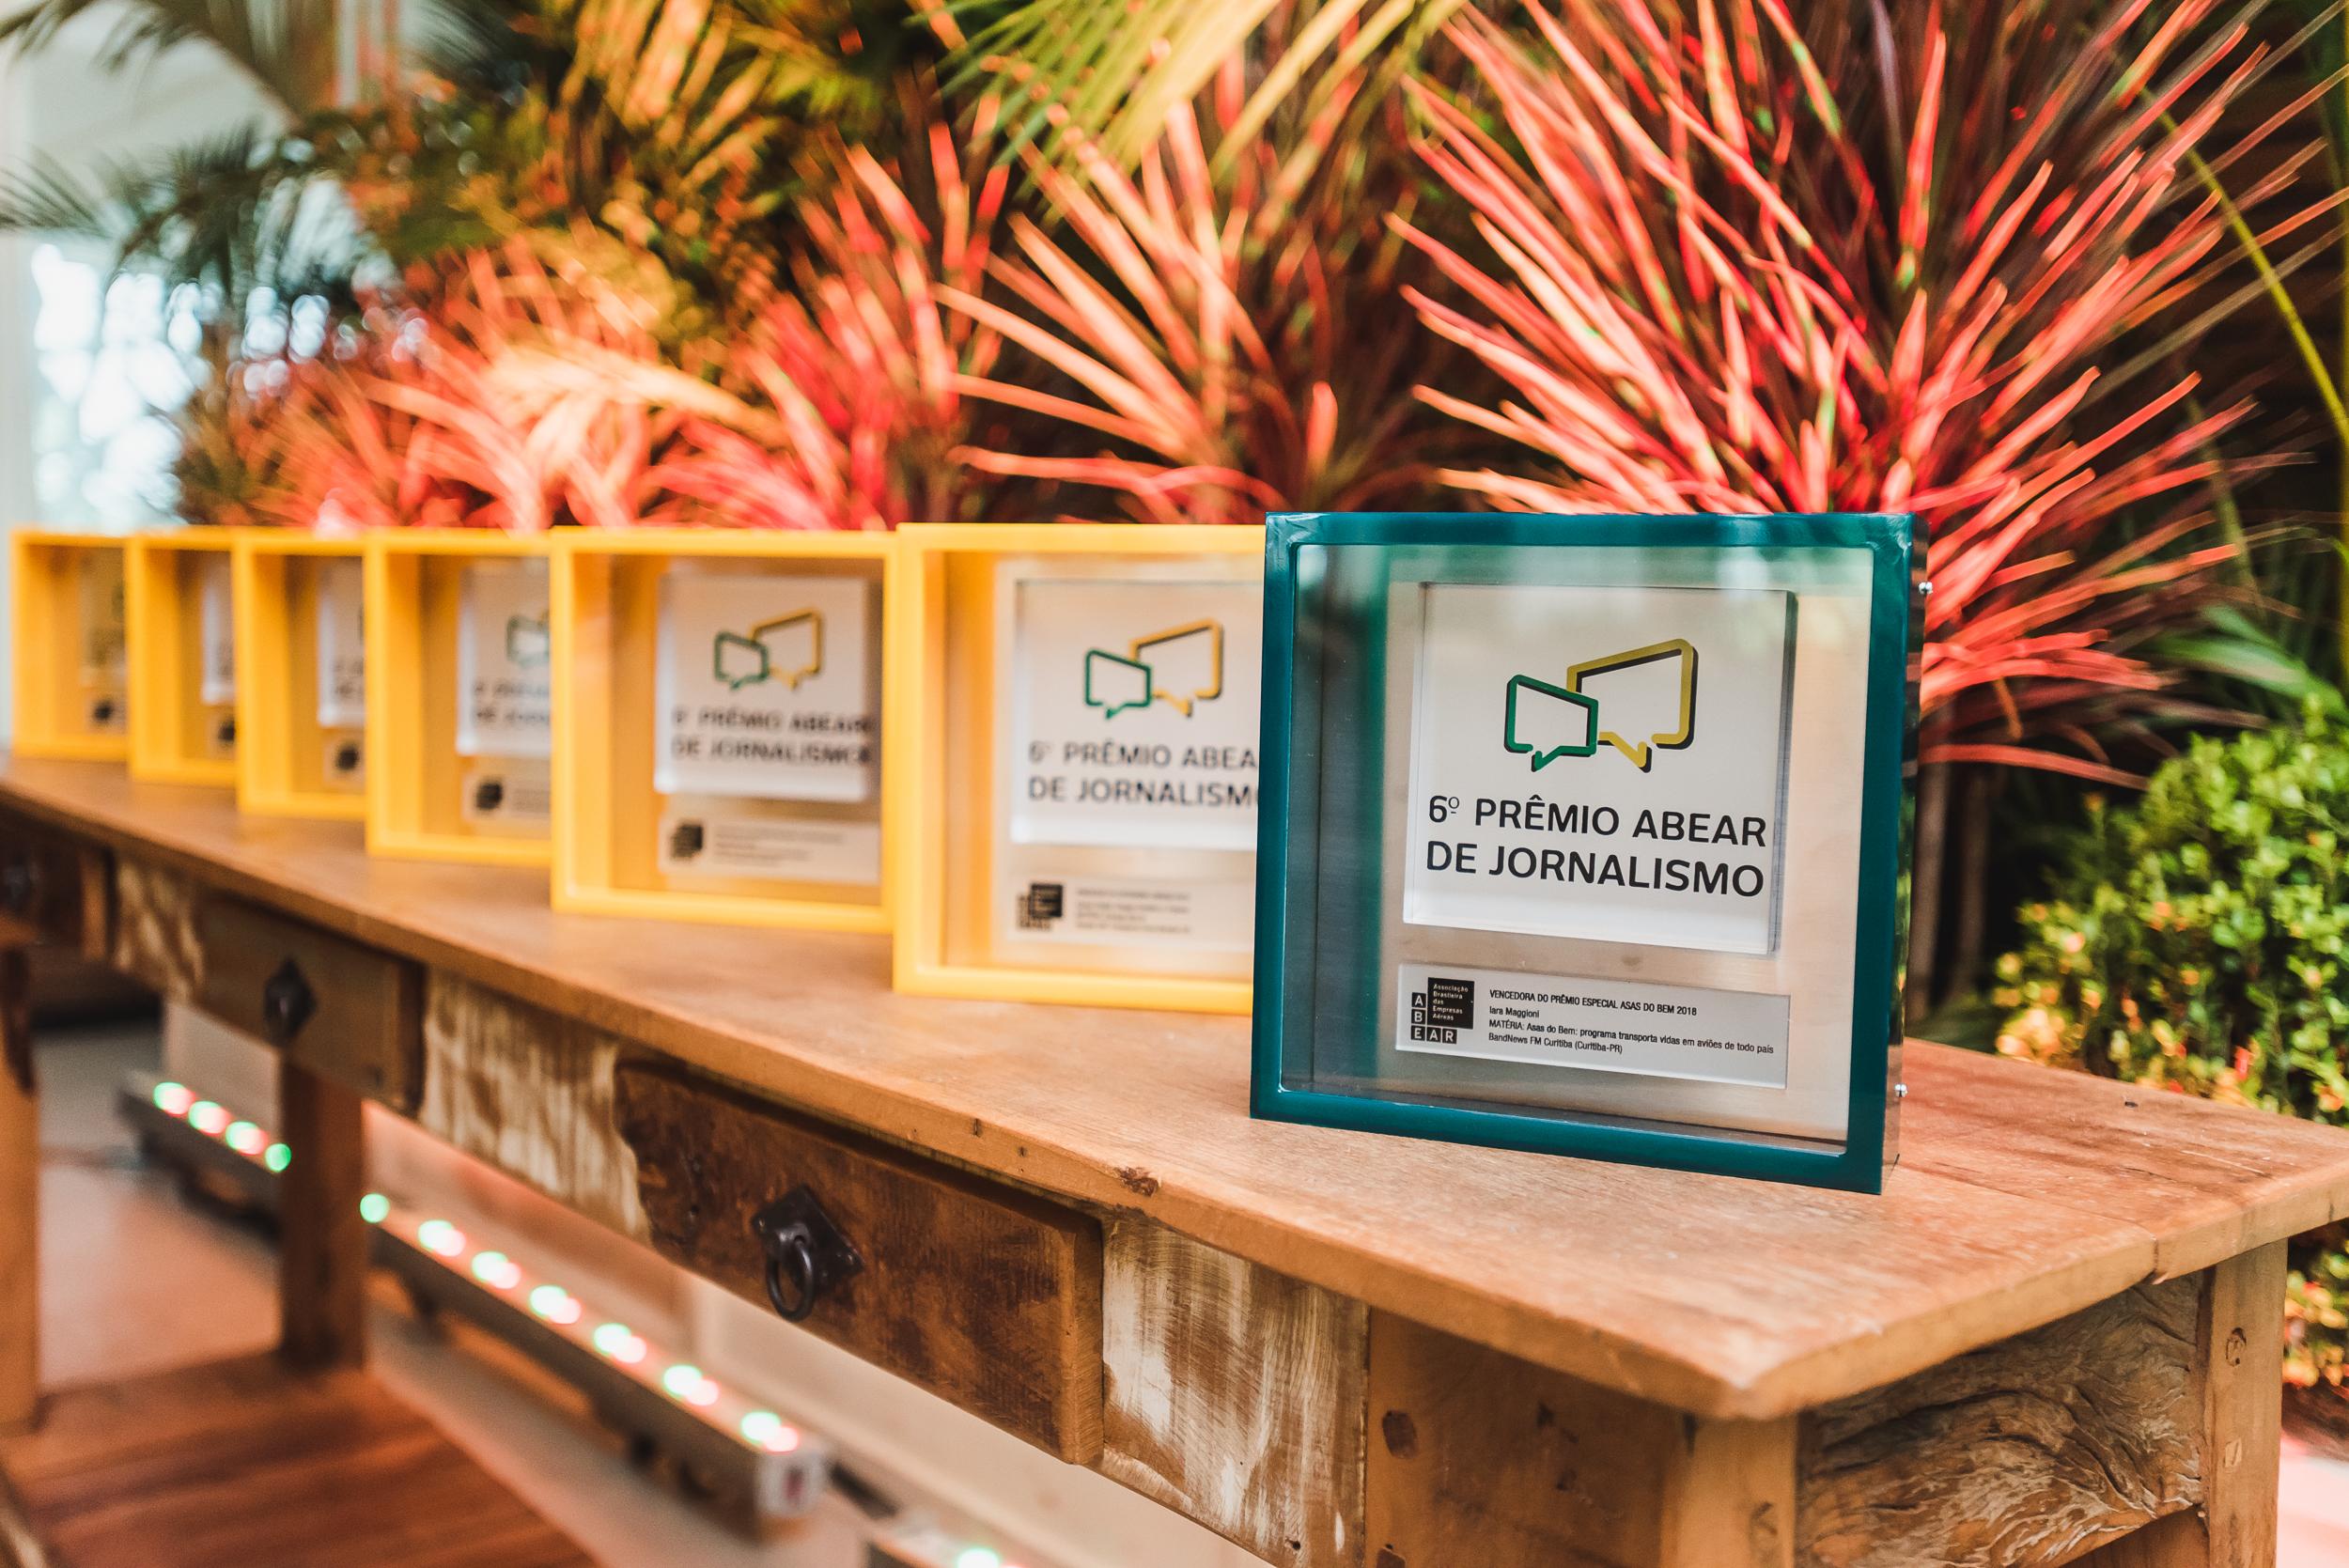 Troféus 6º Prêmio ABEAR de Jornalismo